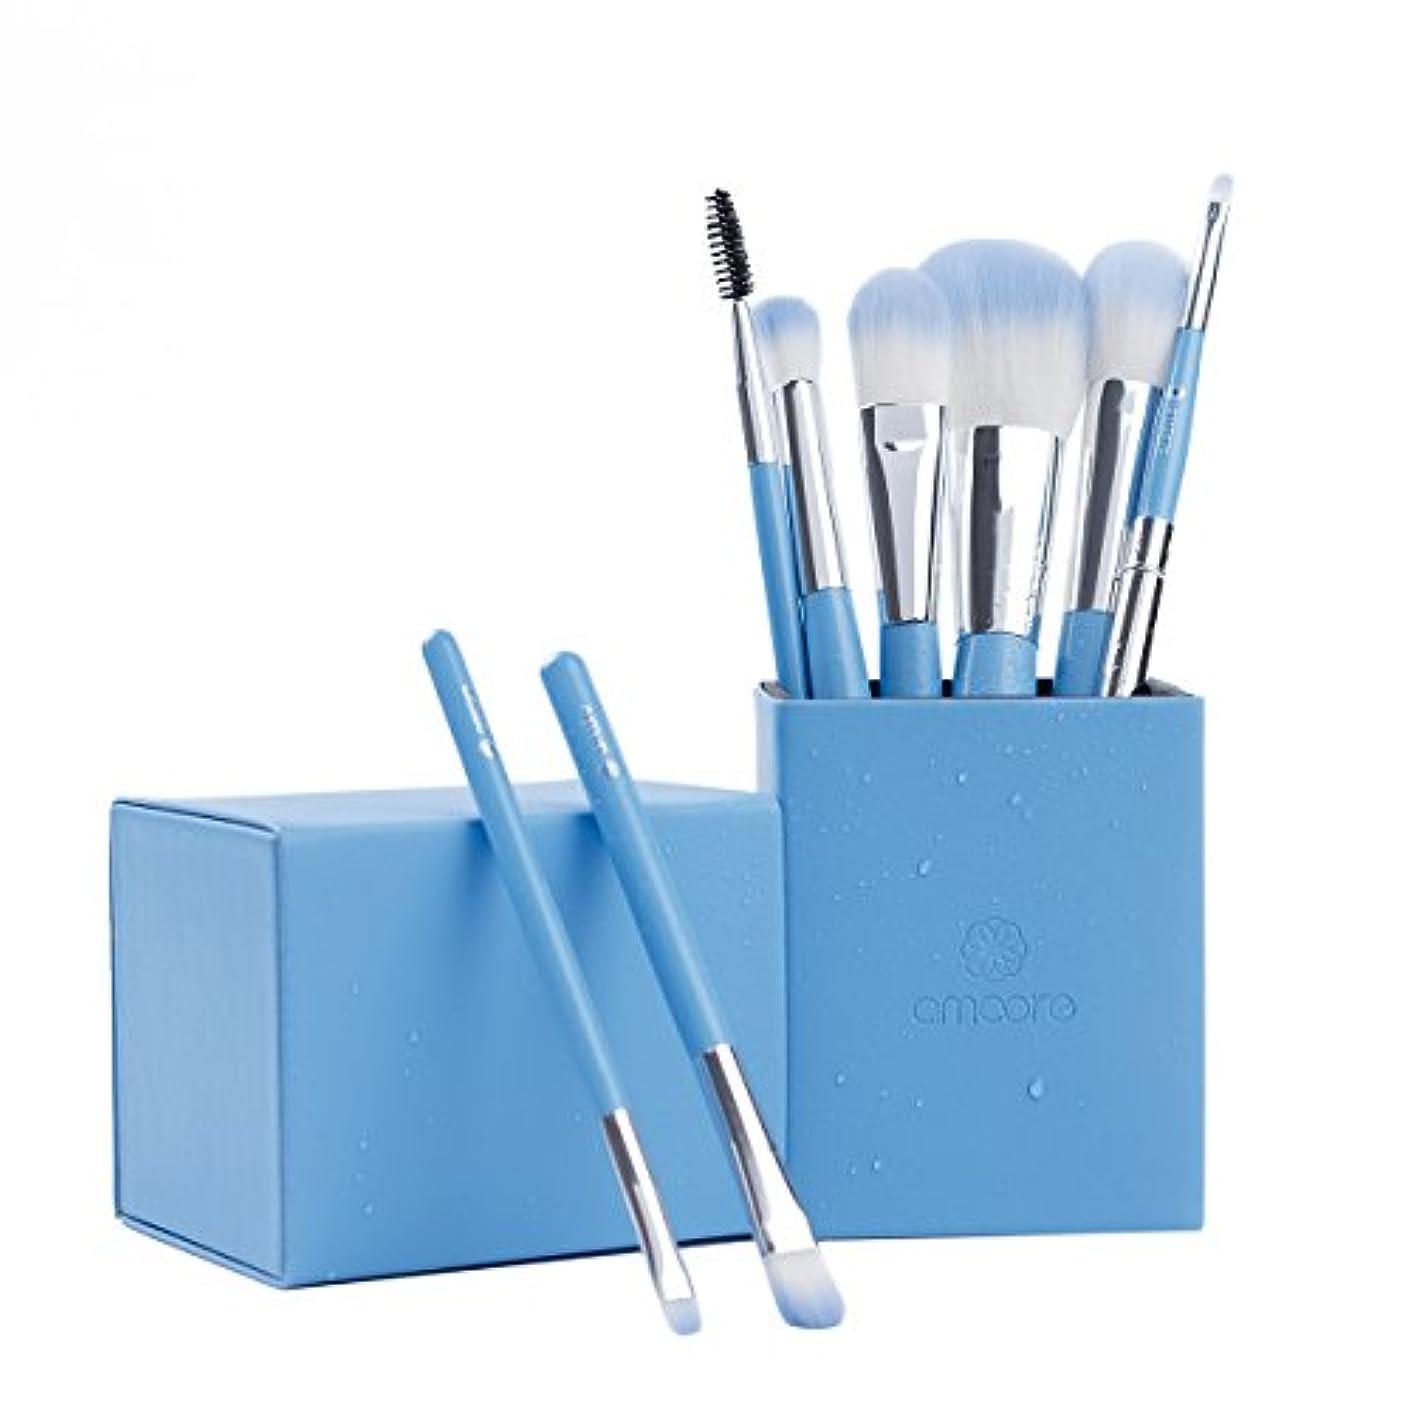 給料意味のある伝染性のamoore 化粧筆 メイクブラシセット 化粧ブラシ セット コスメ ブラシ 収納ケース付き (8本, 水色)